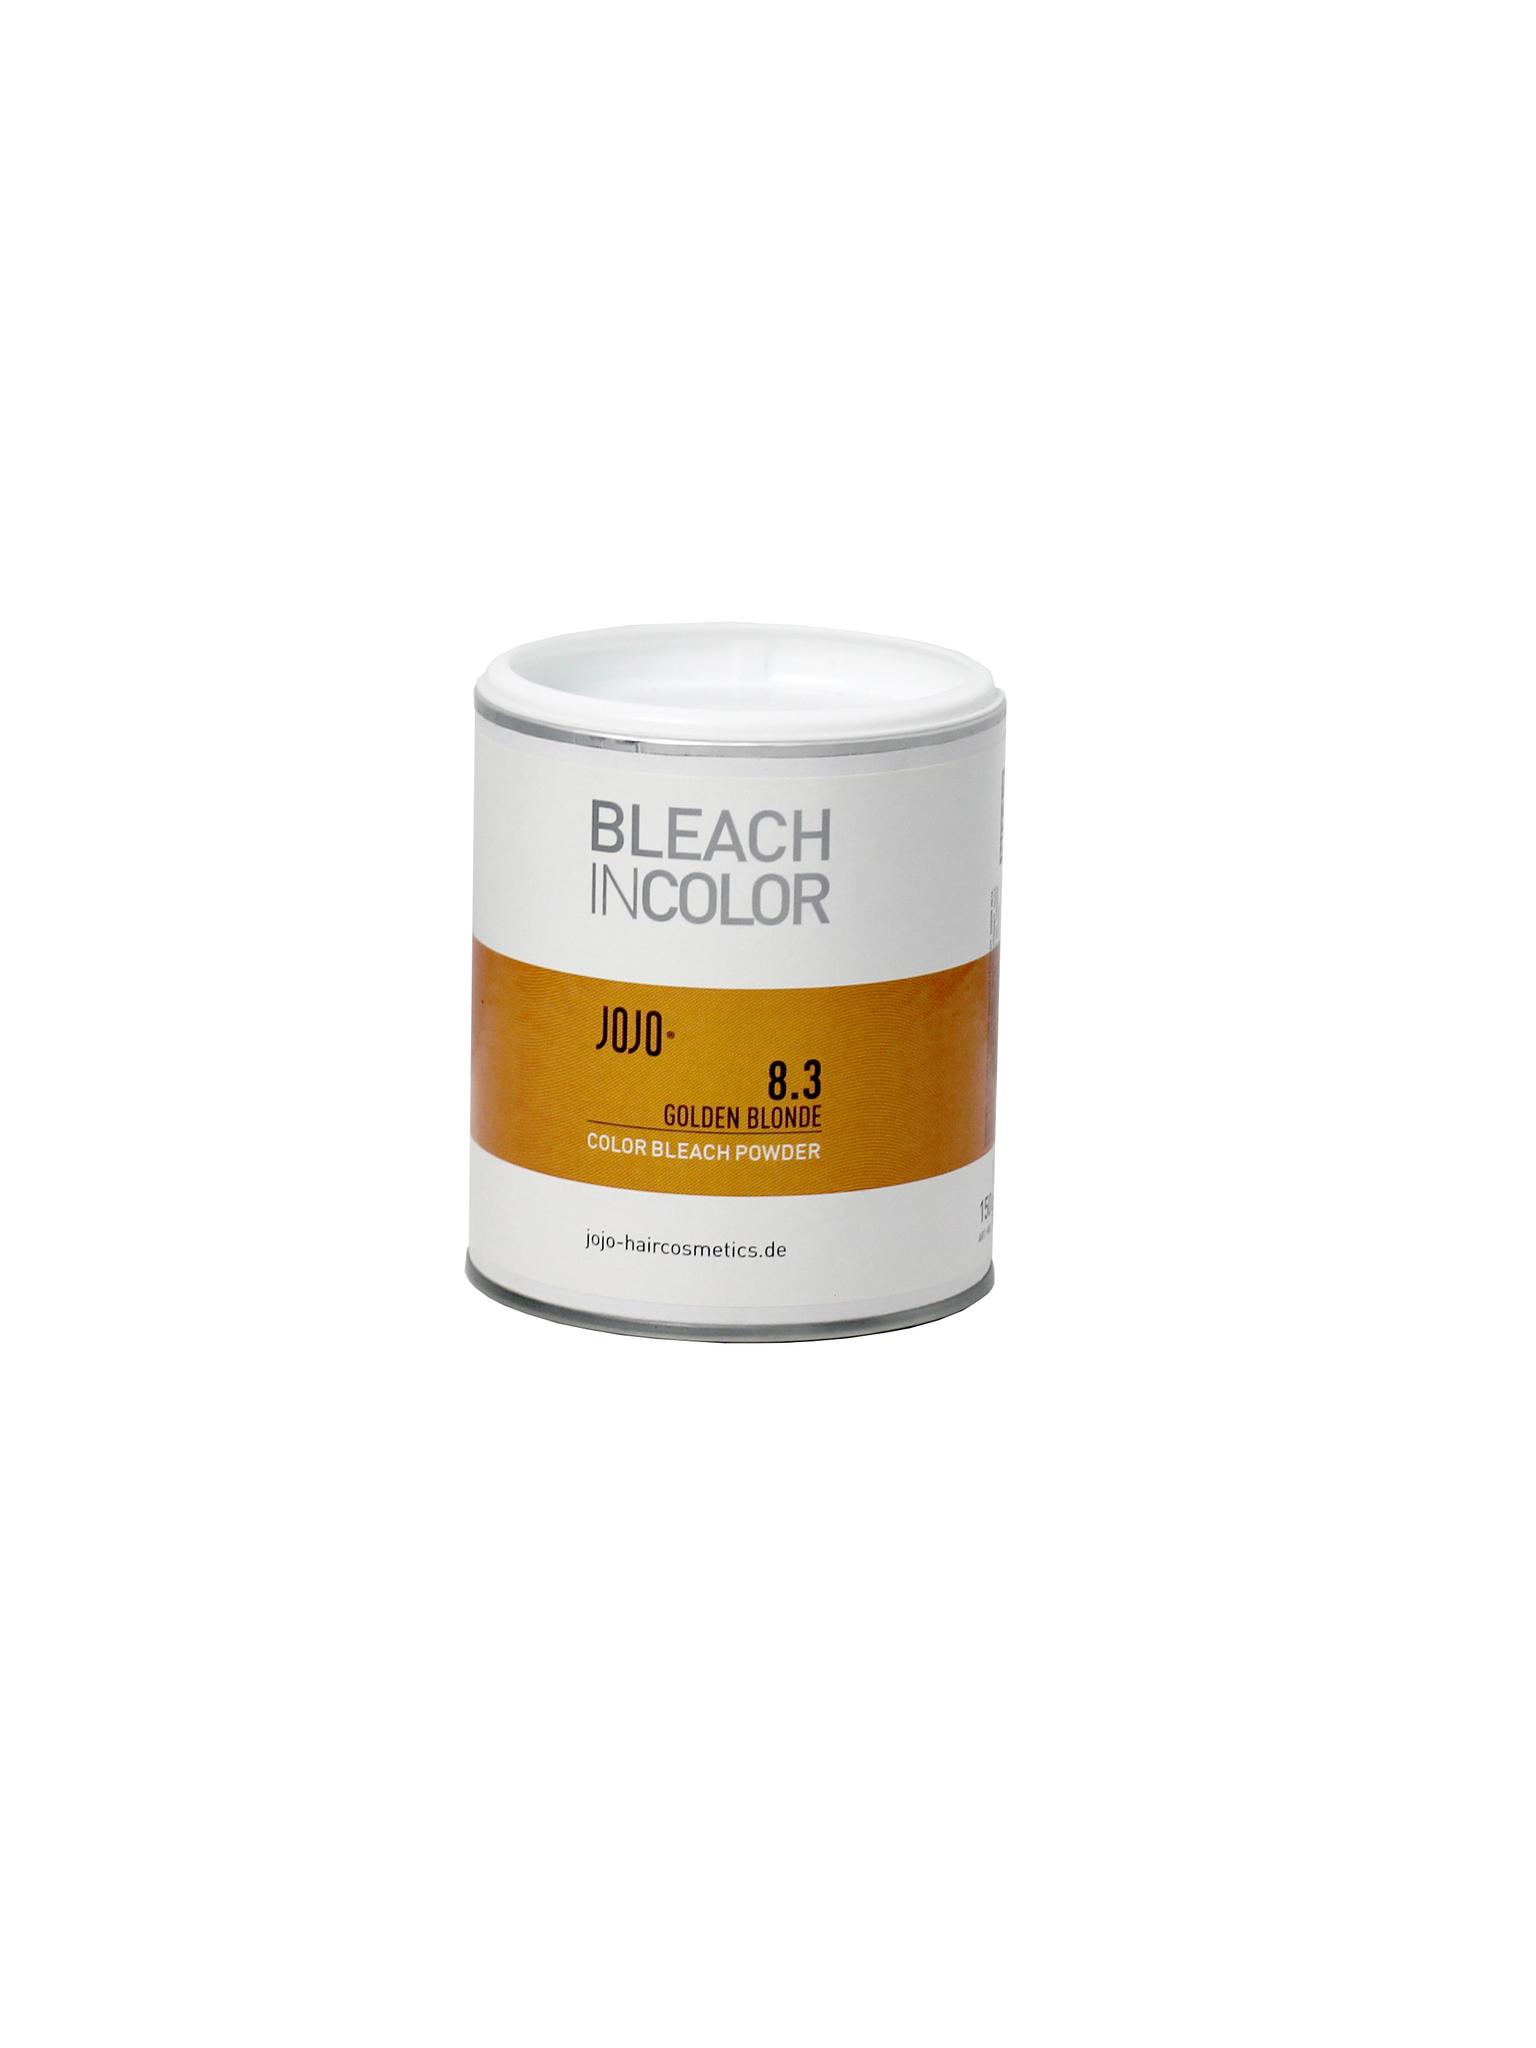 Порошок для осветления волос 8.3 golden blonde